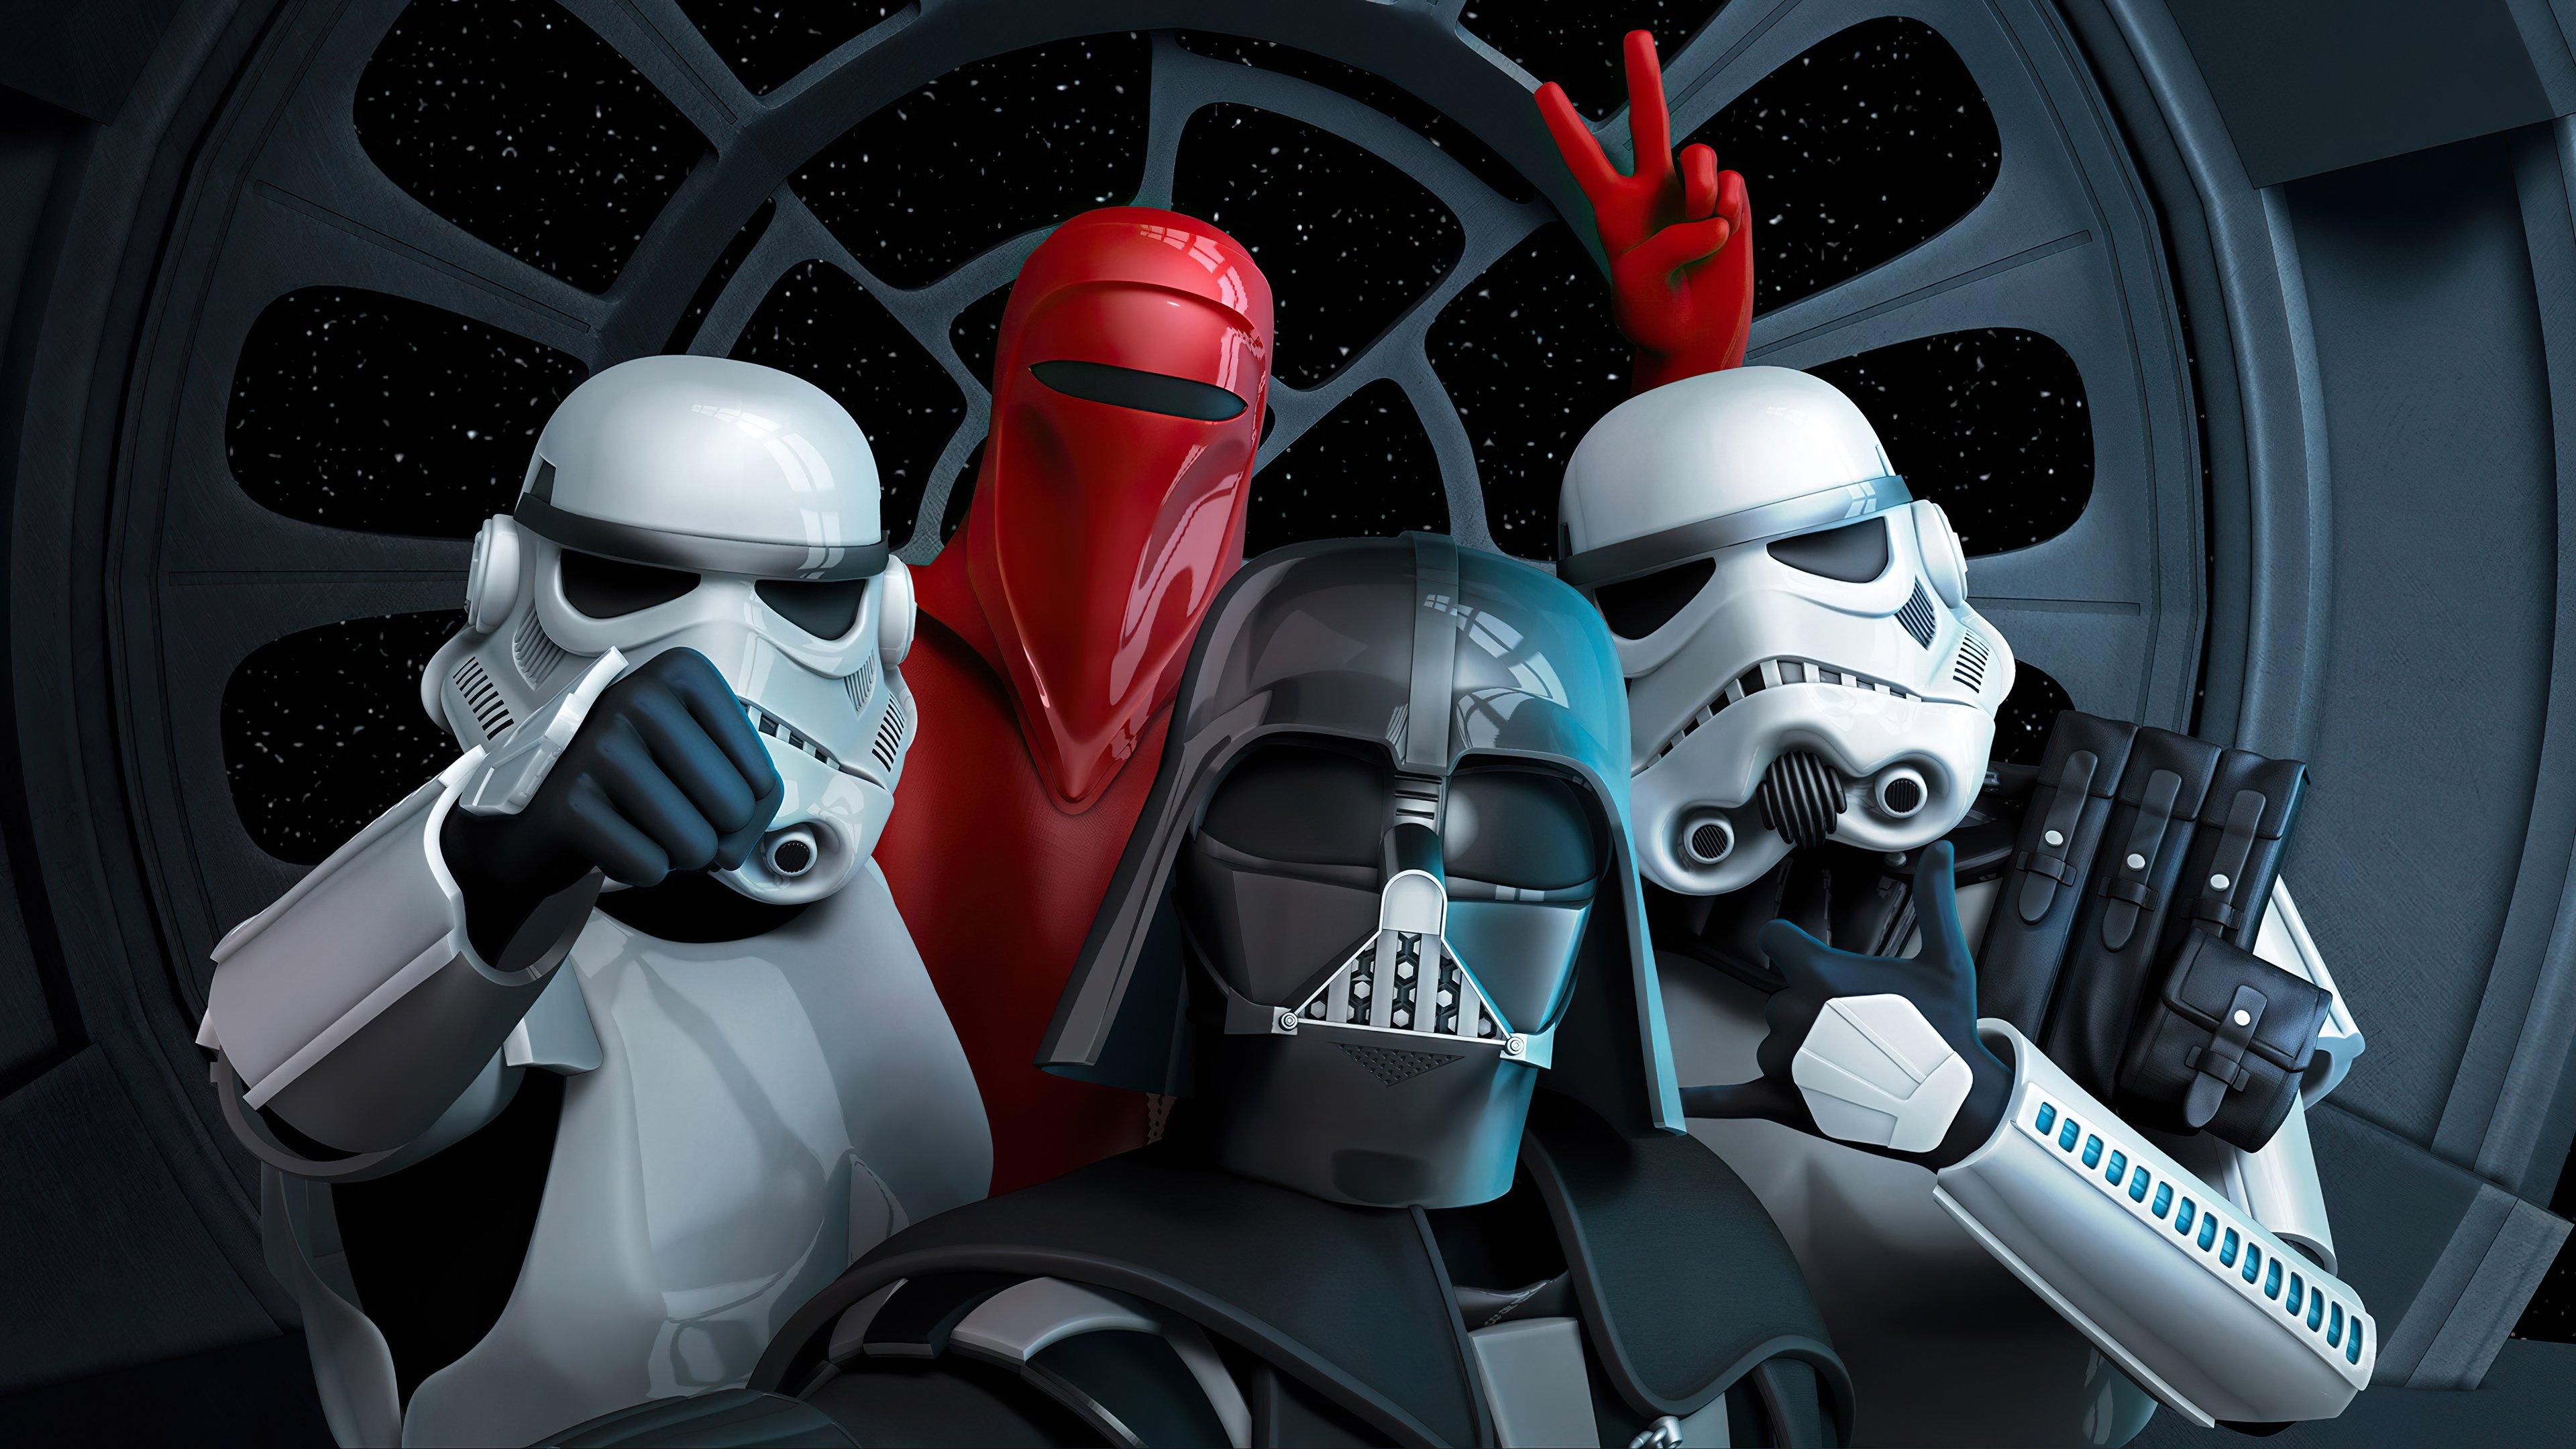 Wallpaper Star Wars Revenge of the 5th Selfie